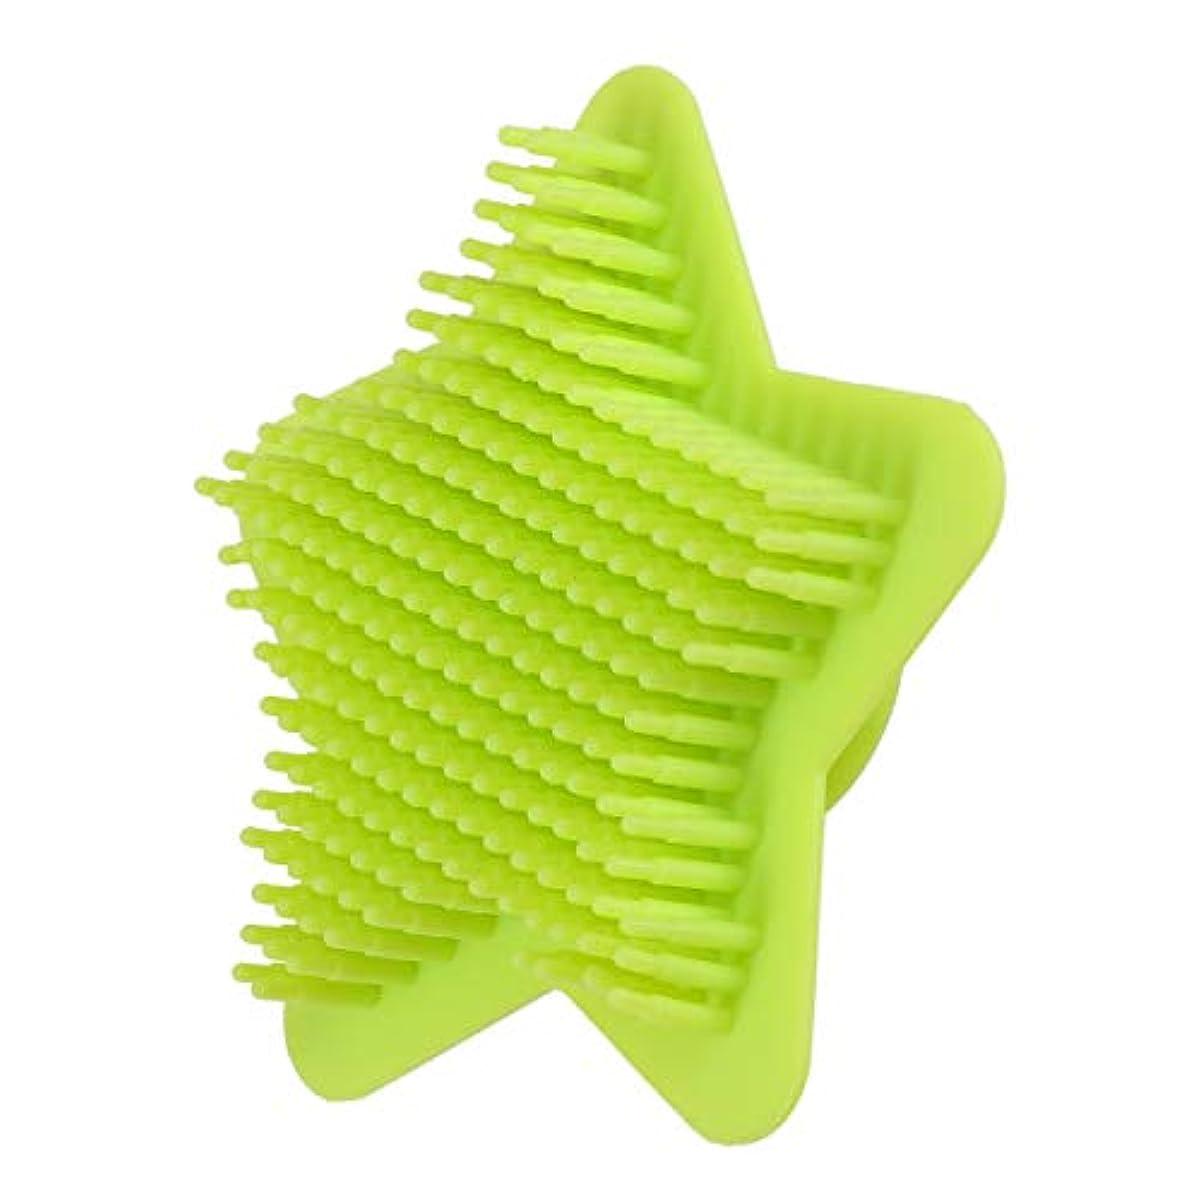 壁コピー前述のHealifty ヘアシャンプーブラシ頭皮シャワースクラバーマッサージブラシバスブラシソフトボディマッサージャー洗浄コームボディシャワーバスブラシ(グリーン)